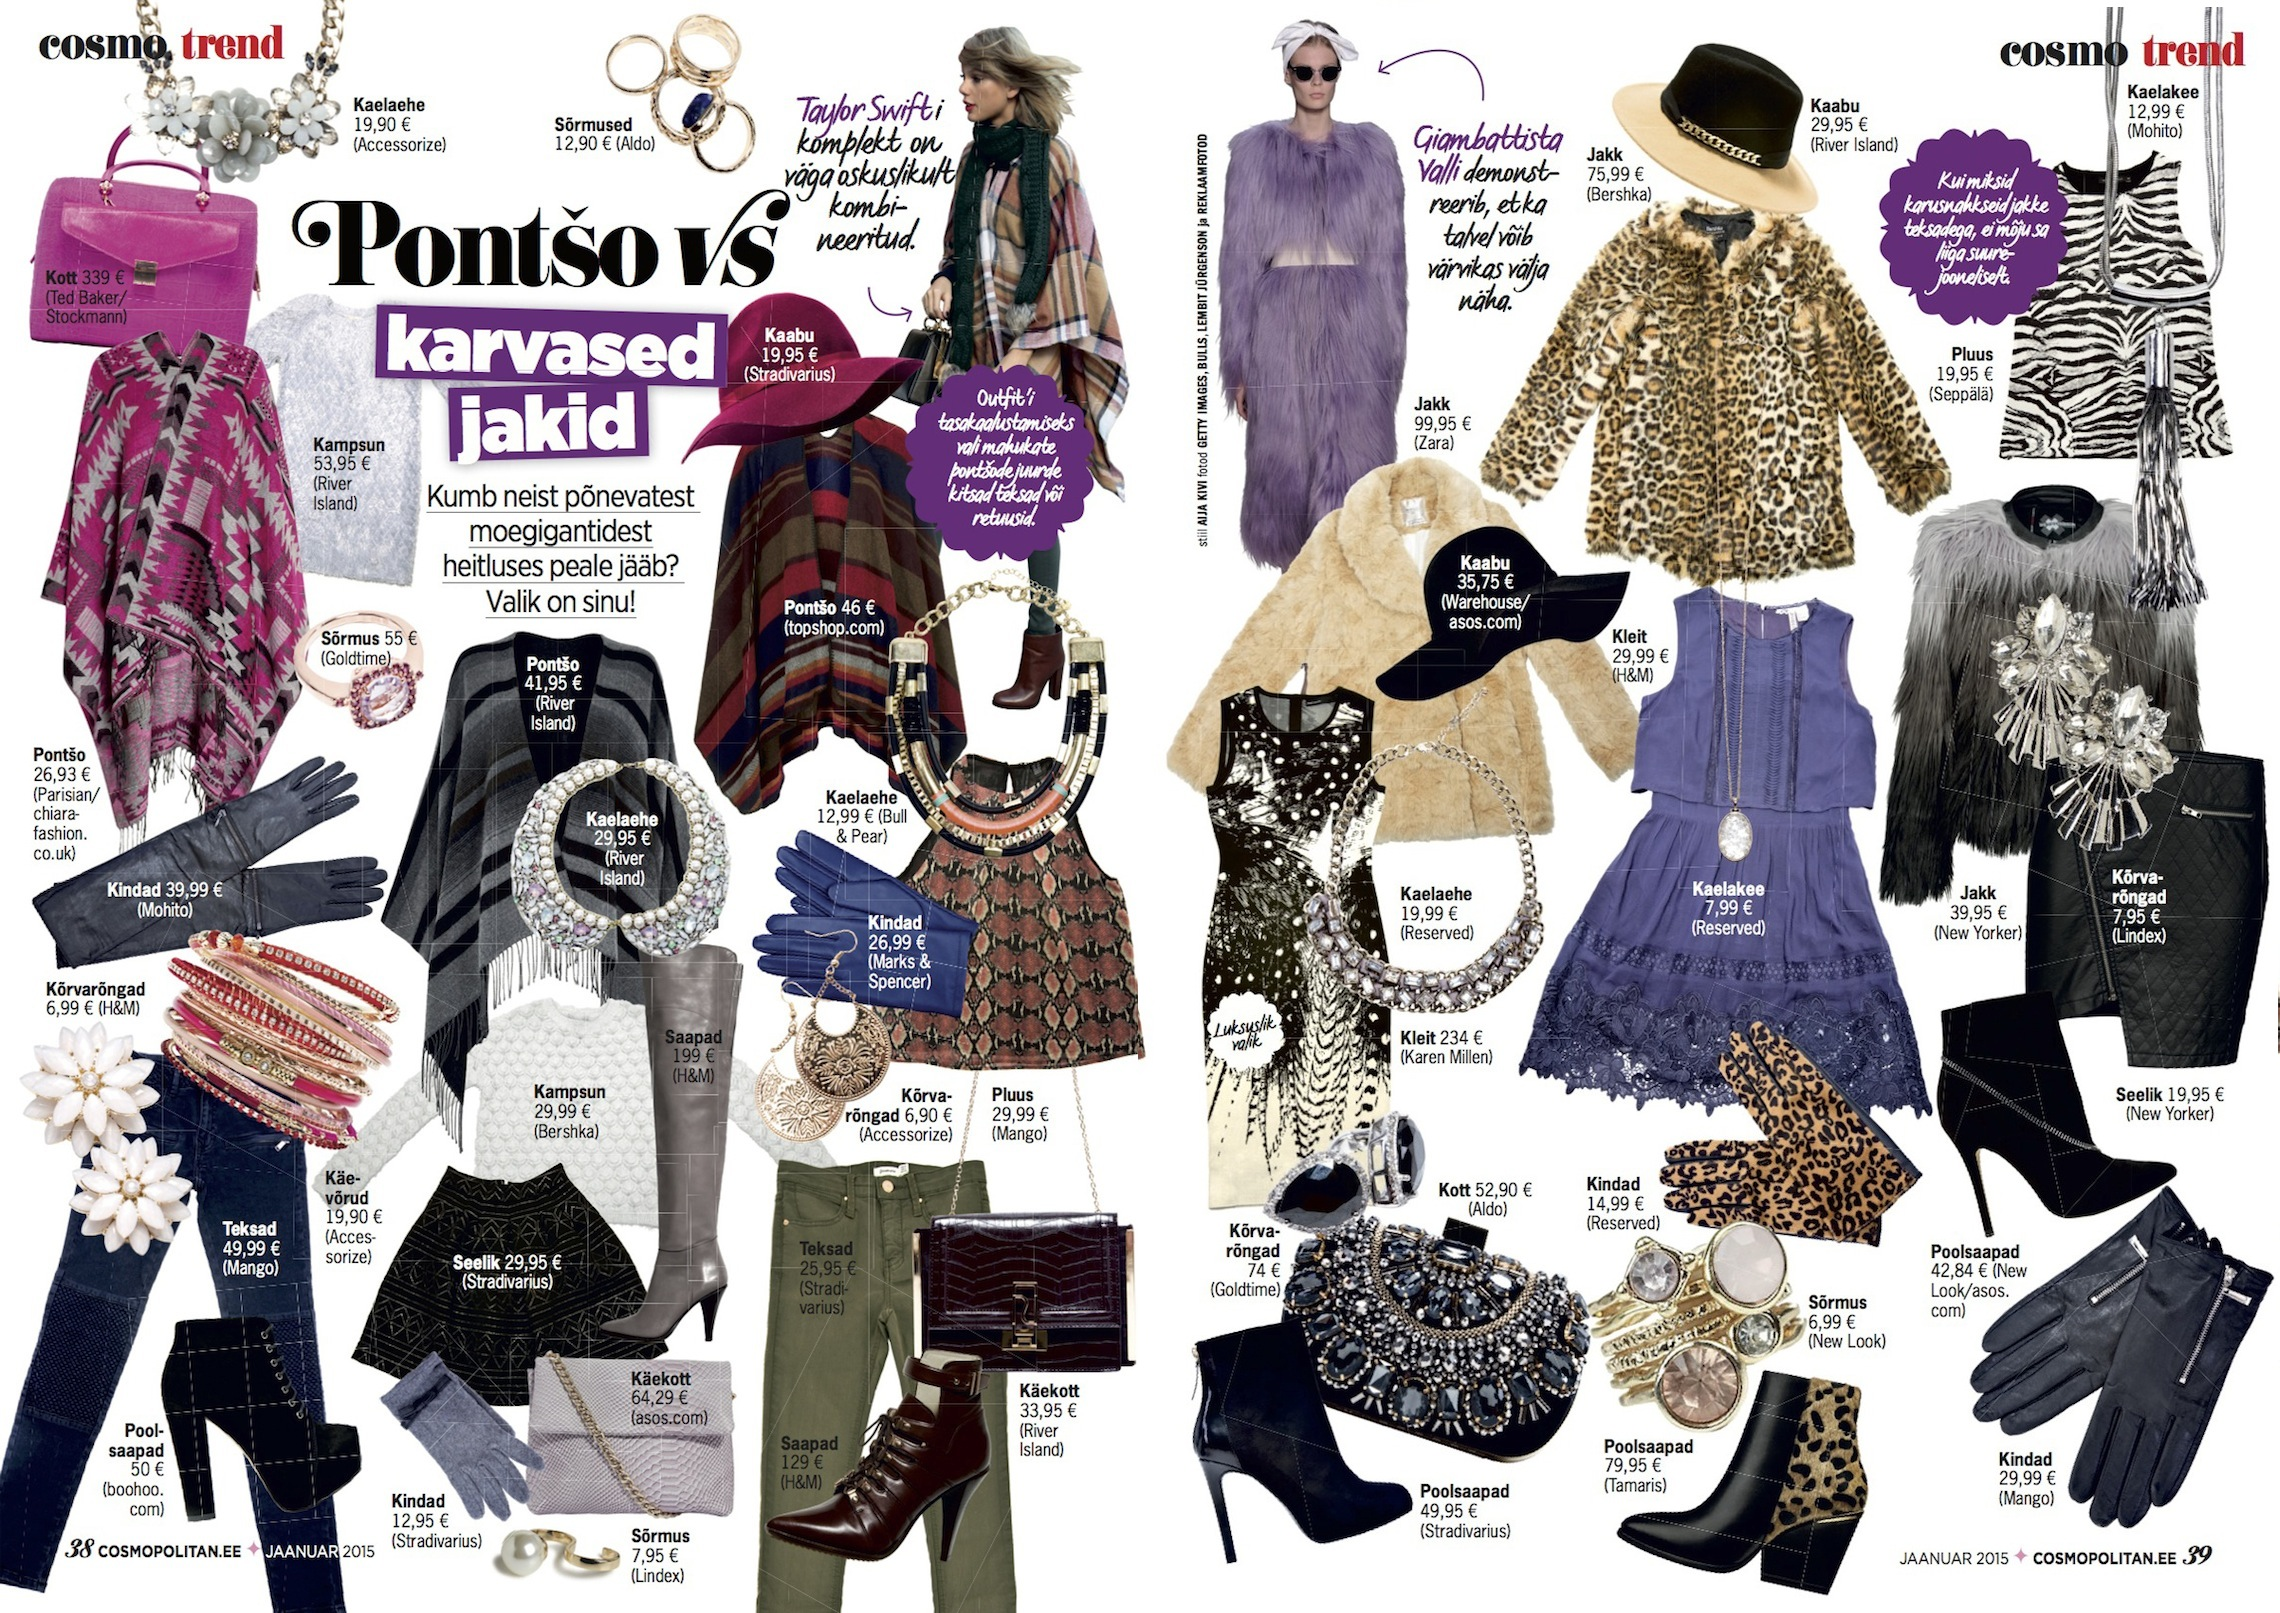 007-aija-kivi-for-cosmopolitan-estonia-magazine-stylist-fashion-editor